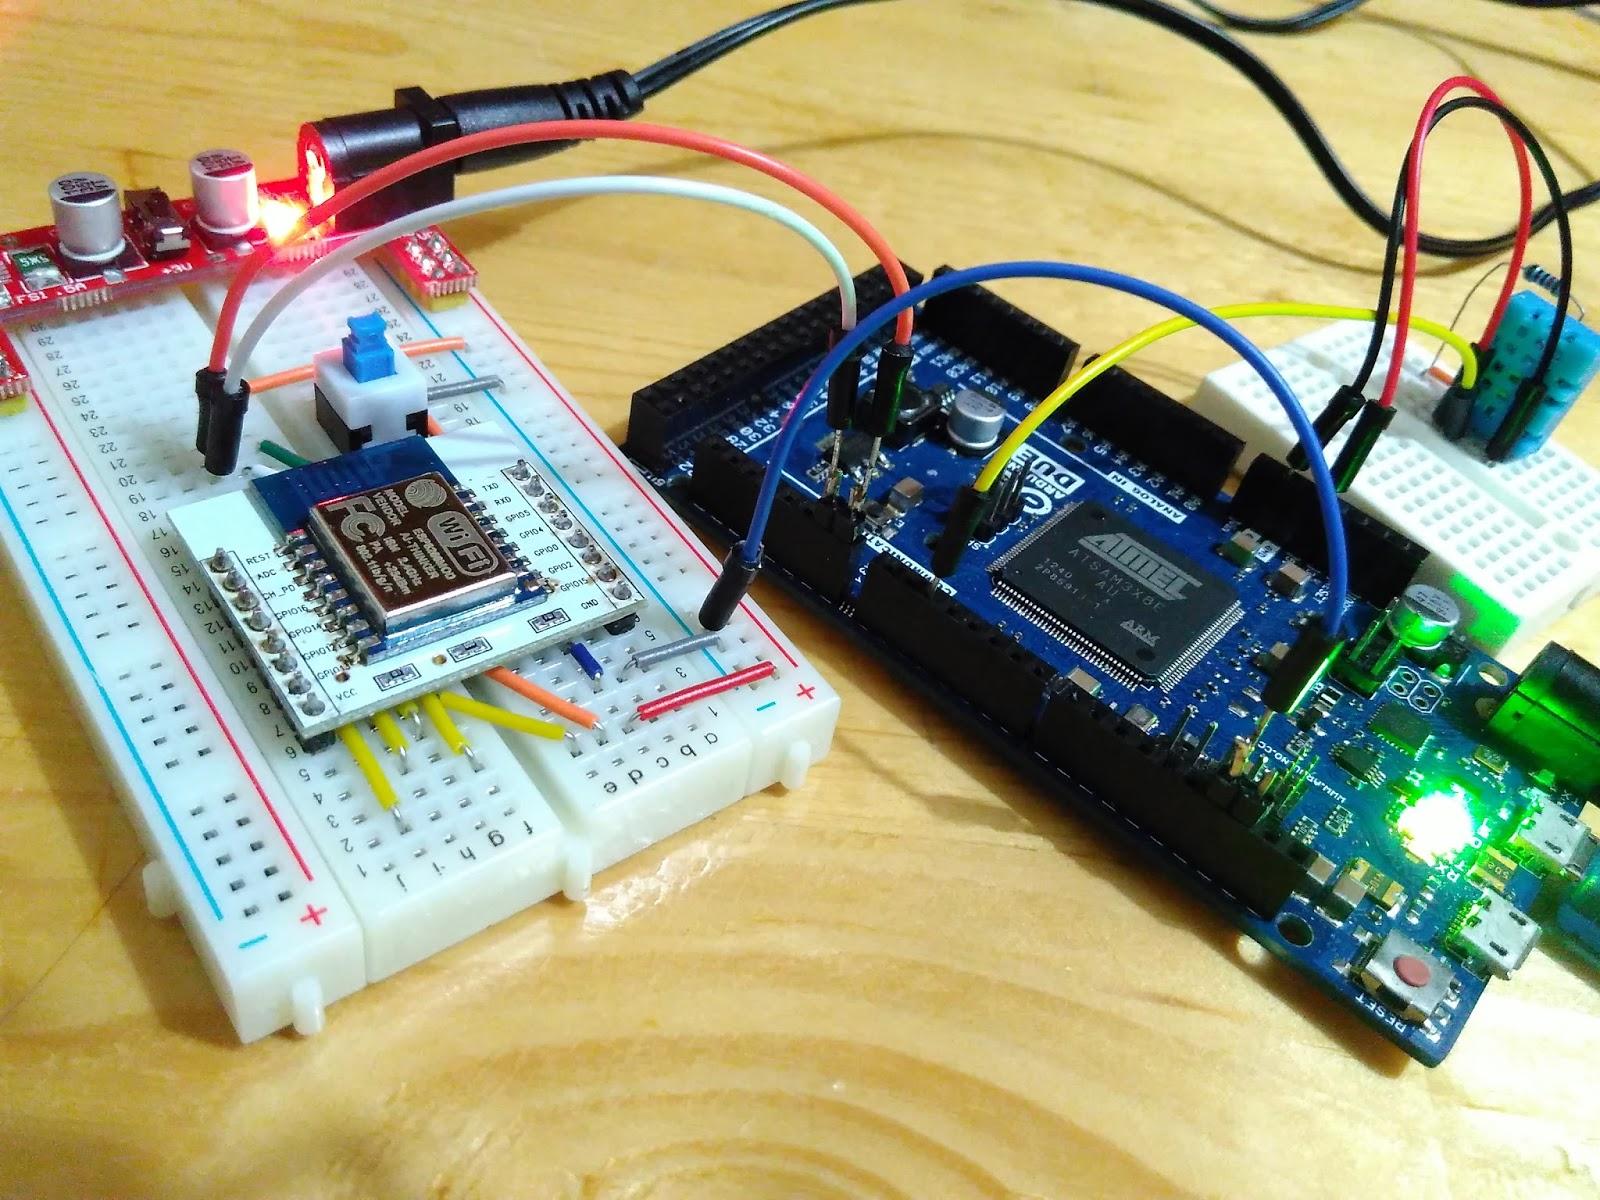 Arduino-er: Arduino Due + ESP8266 + DHT11, to update dweet io